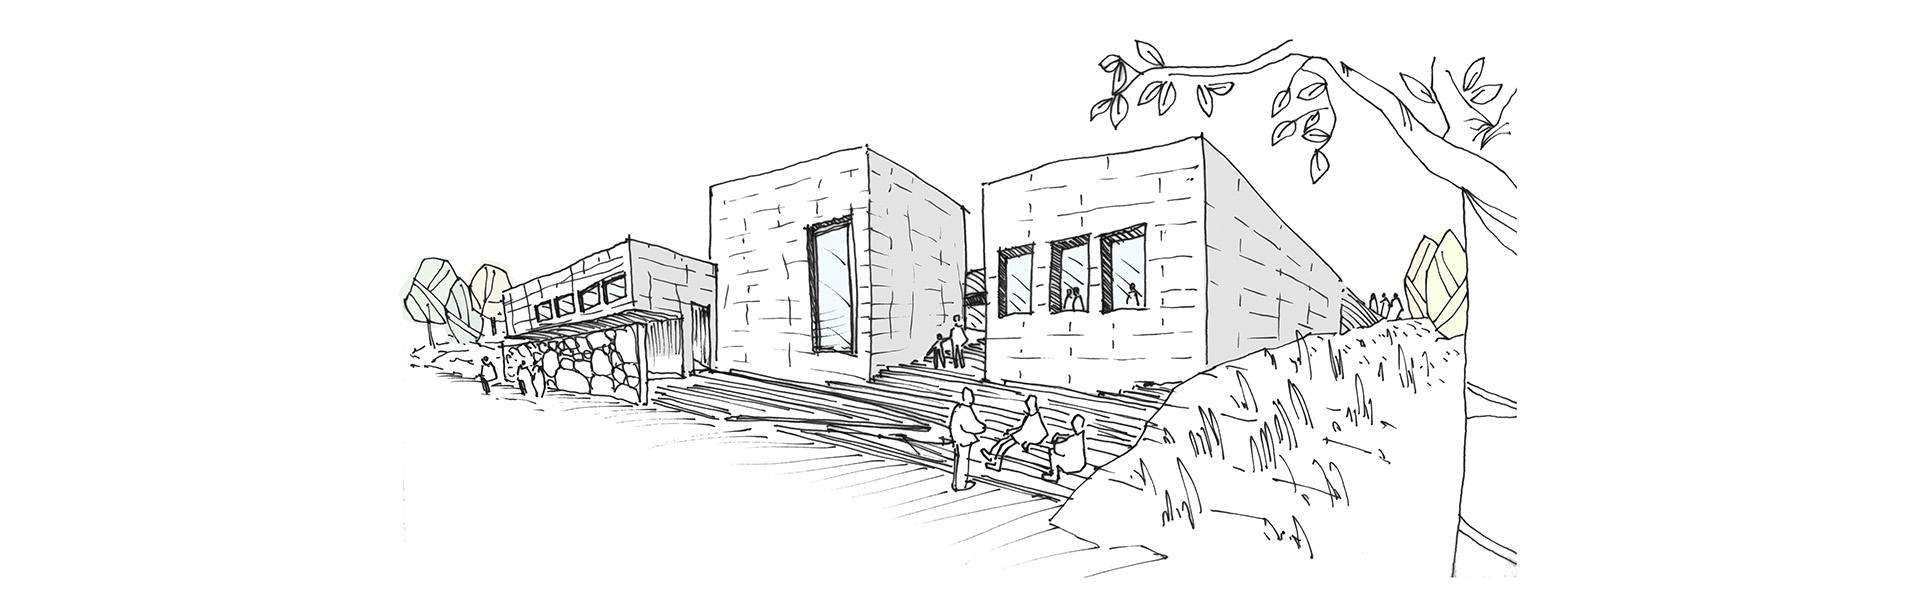 Bozzetto grafico progetto Site Museum